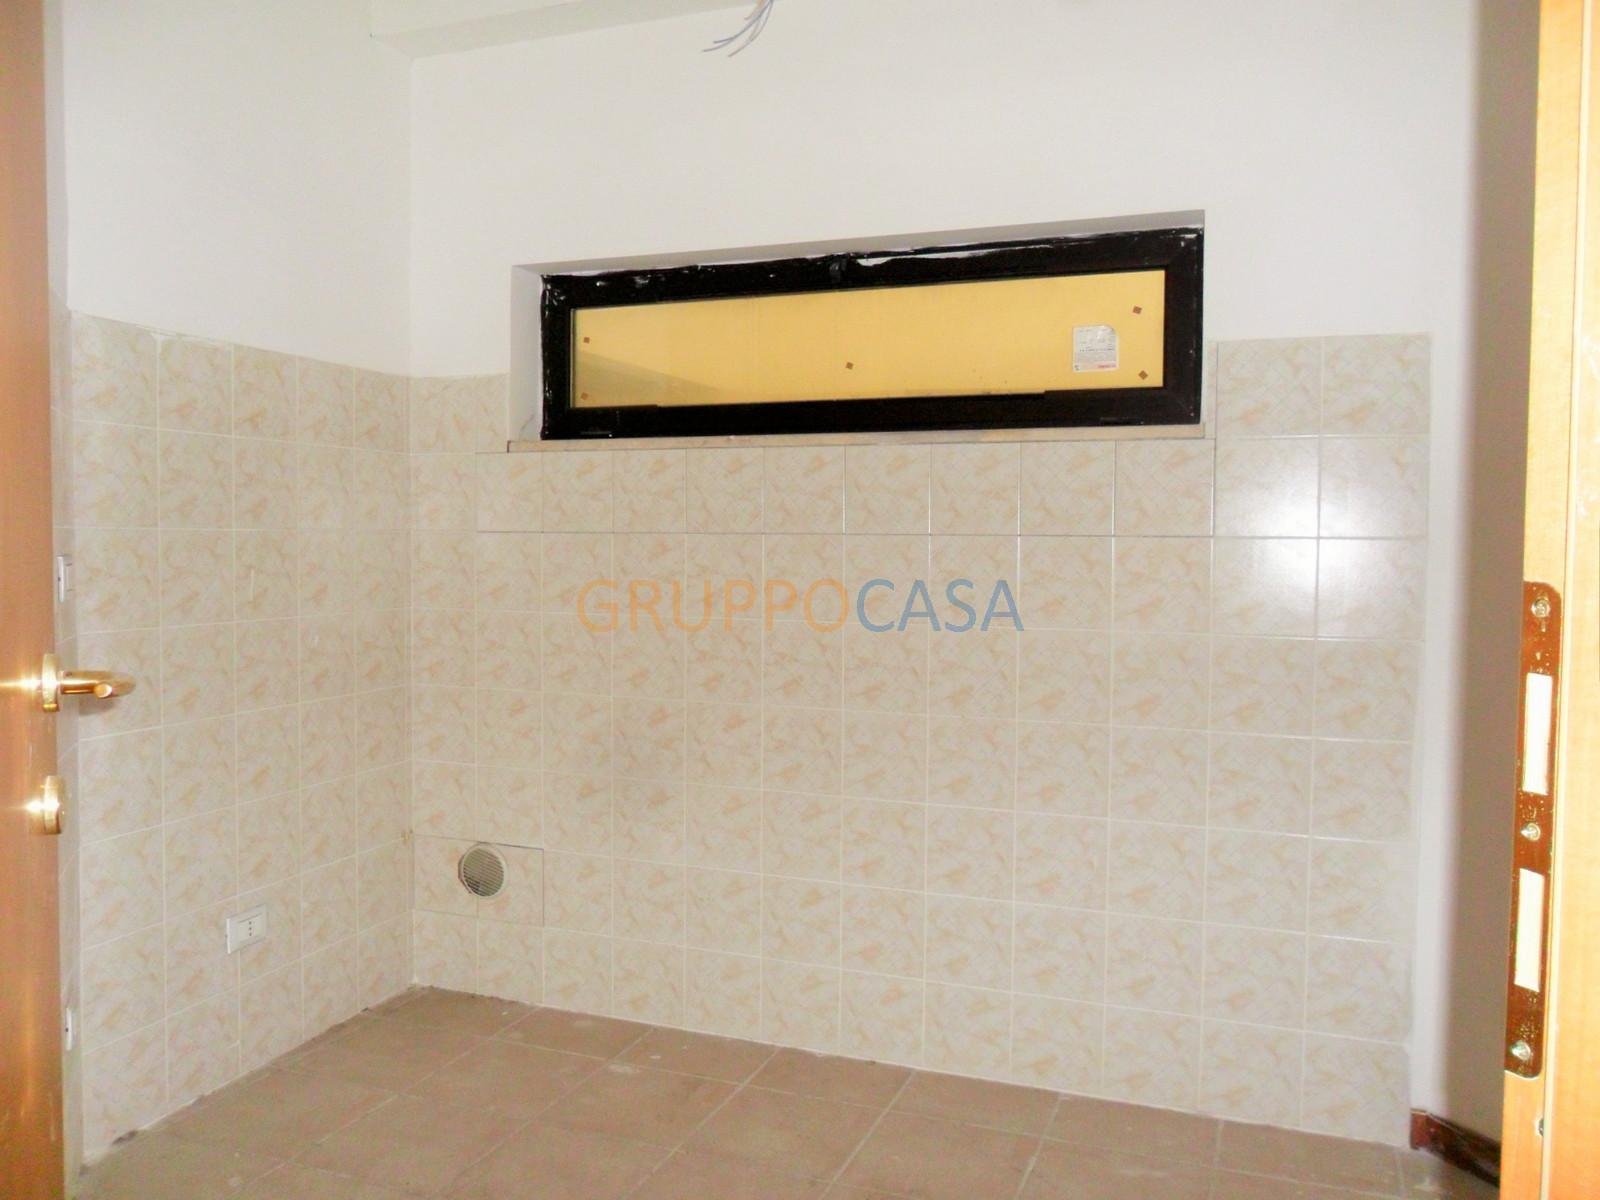 Ufficio / Studio in vendita a Pescia, 9999 locali, zona Località: Centro, prezzo € 129.000 | CambioCasa.it